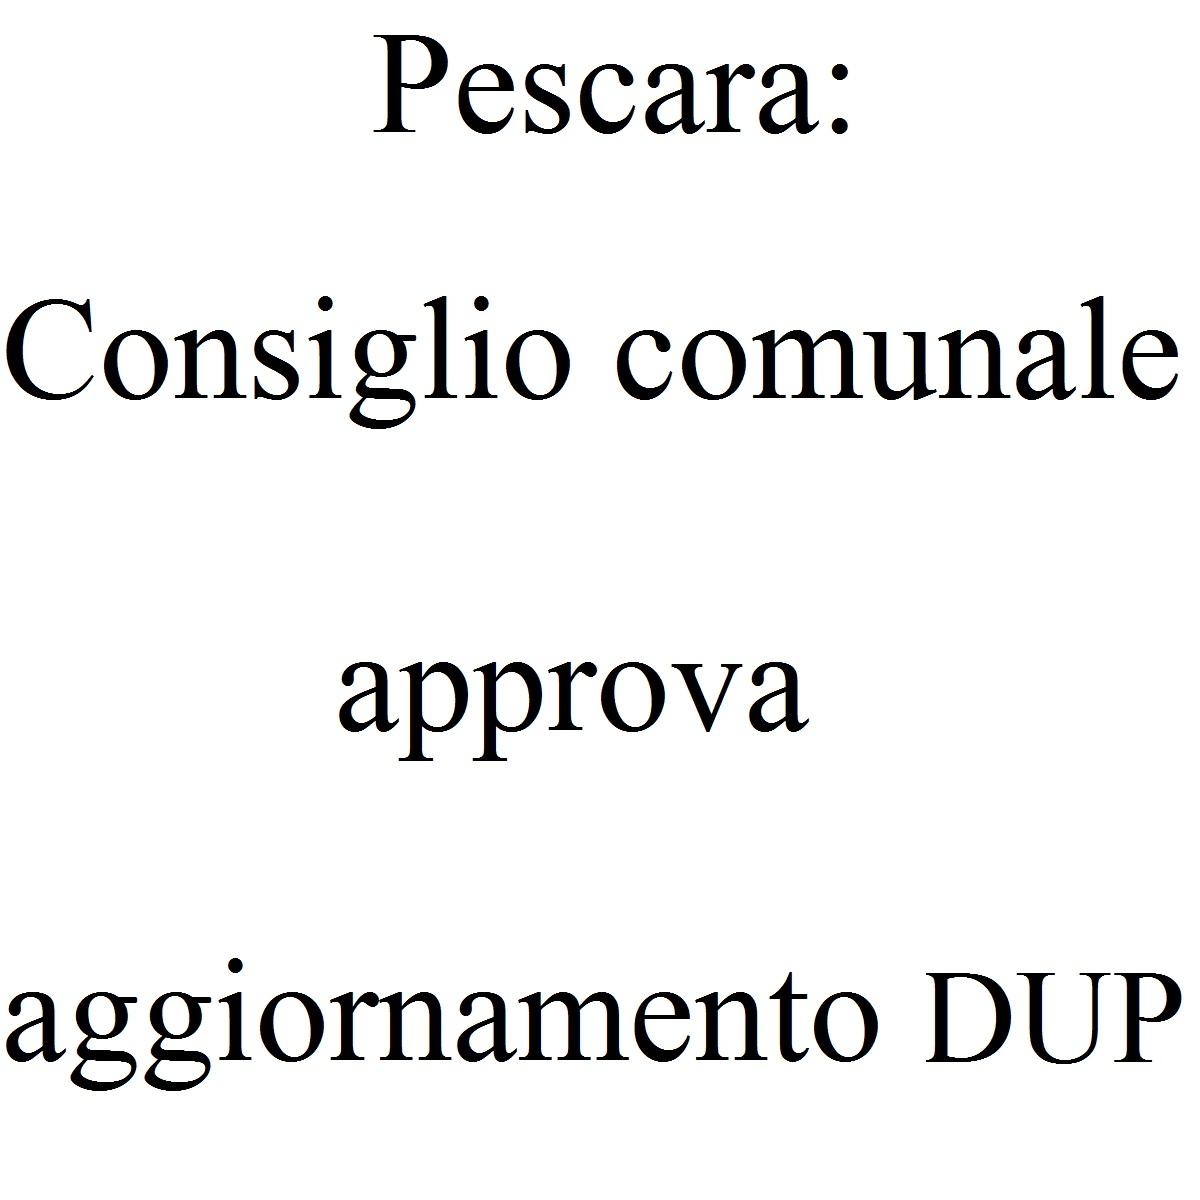 Pescara Consiglio comunale approva aggiornamento DUP foto